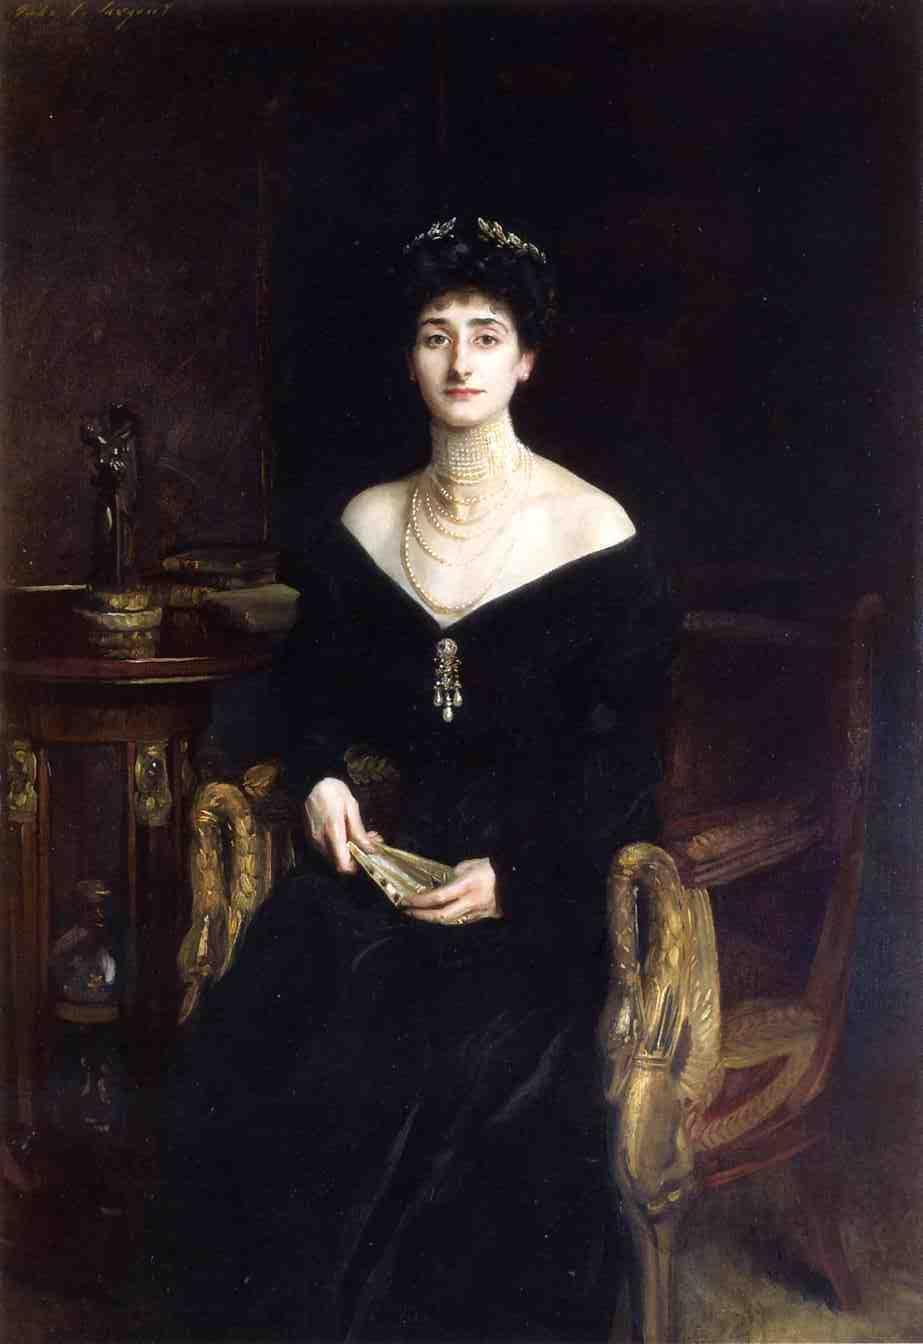 Portrait of Mrs. Ernest G. Raphael, nee Florence Cecilia Sassoon - John Singer Sargent